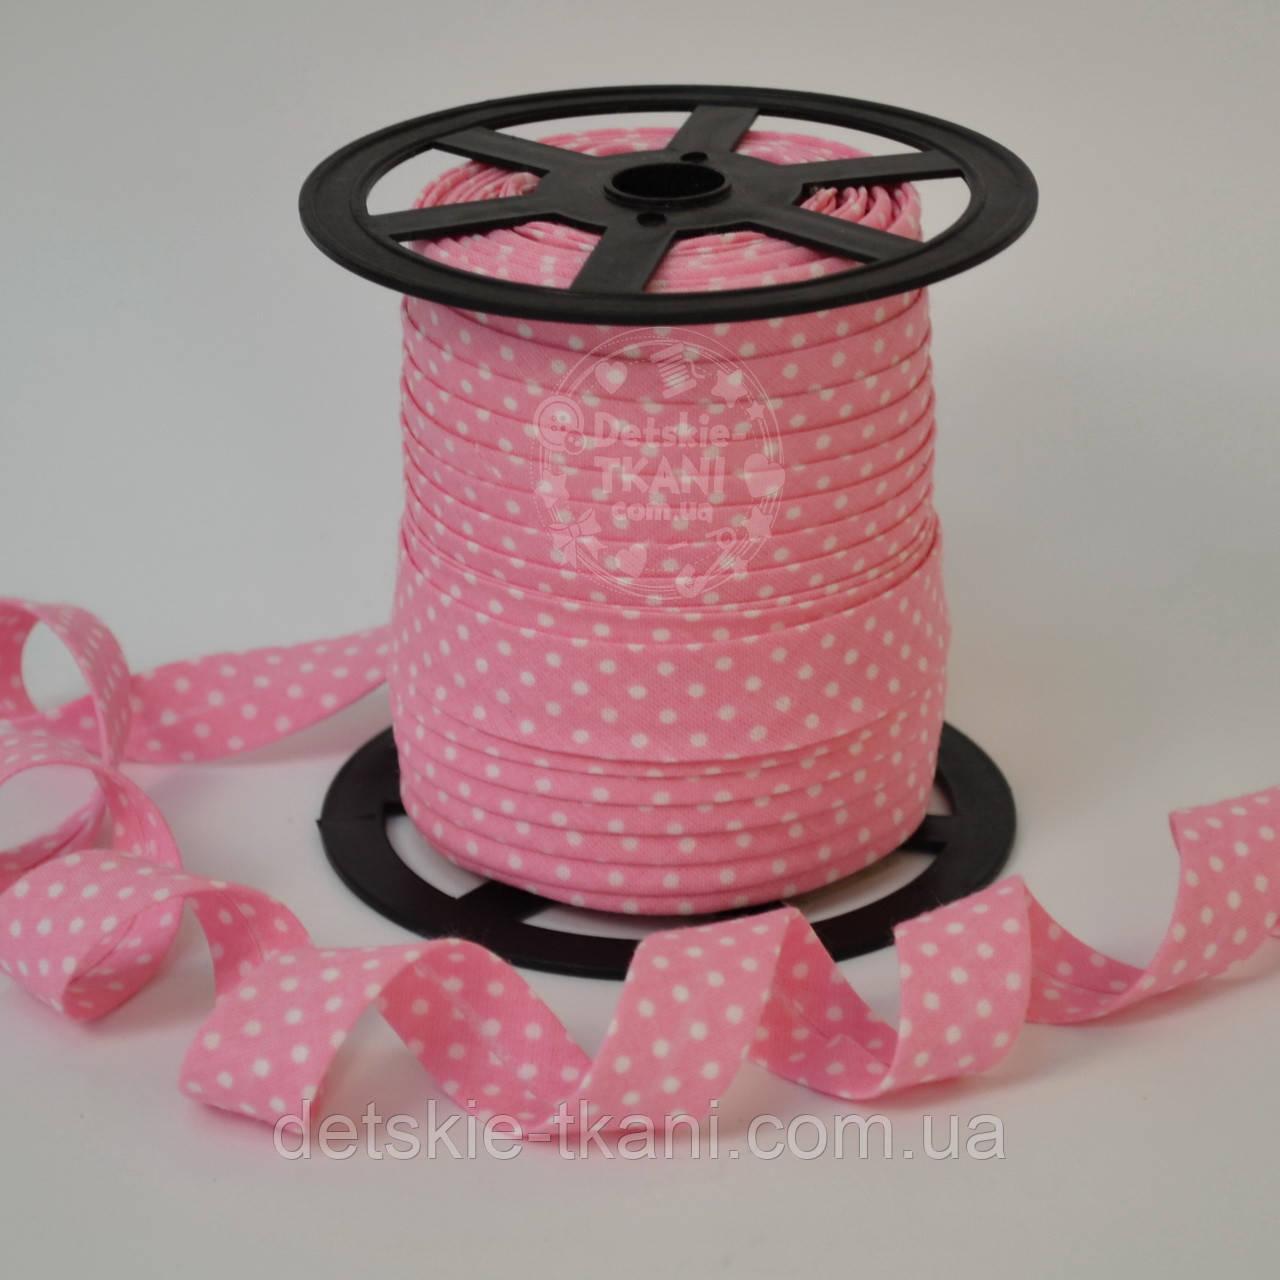 Косая бейка из хлопка для окантовки с белым горошком 2 мм на тёмно розовом фоне